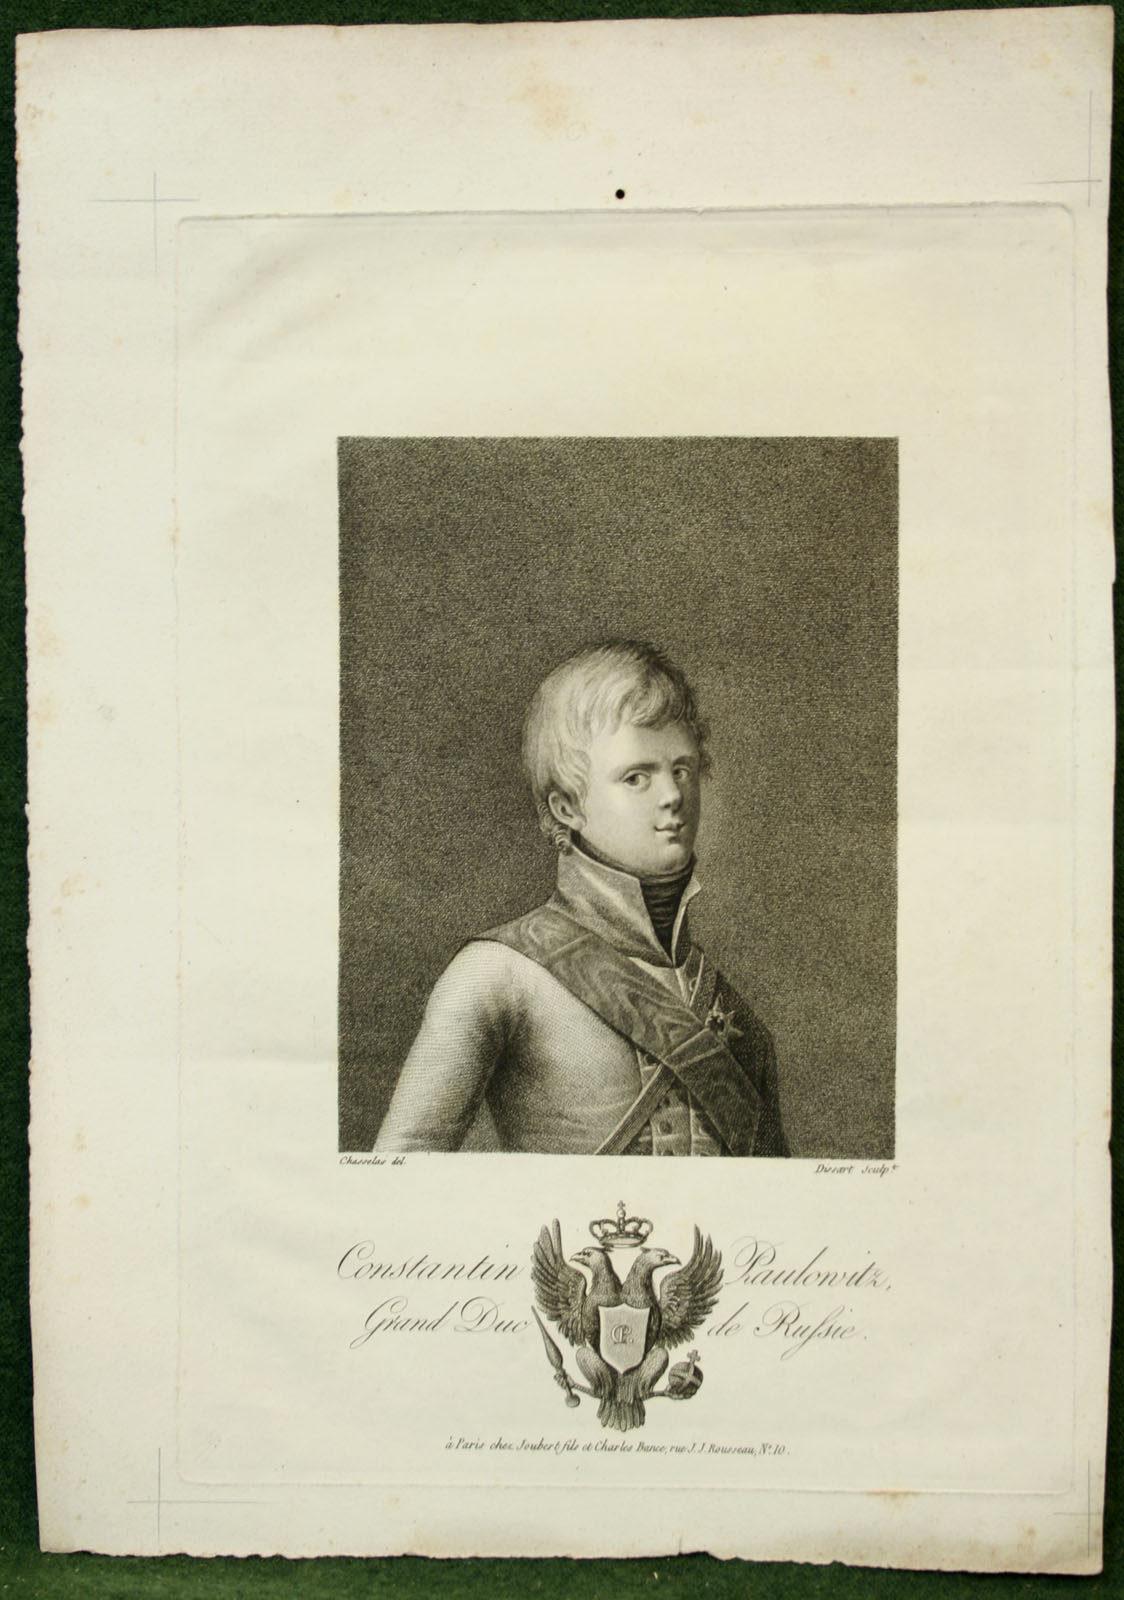 Constantin Pavlovich - grand duke of Russia. Lithograph.